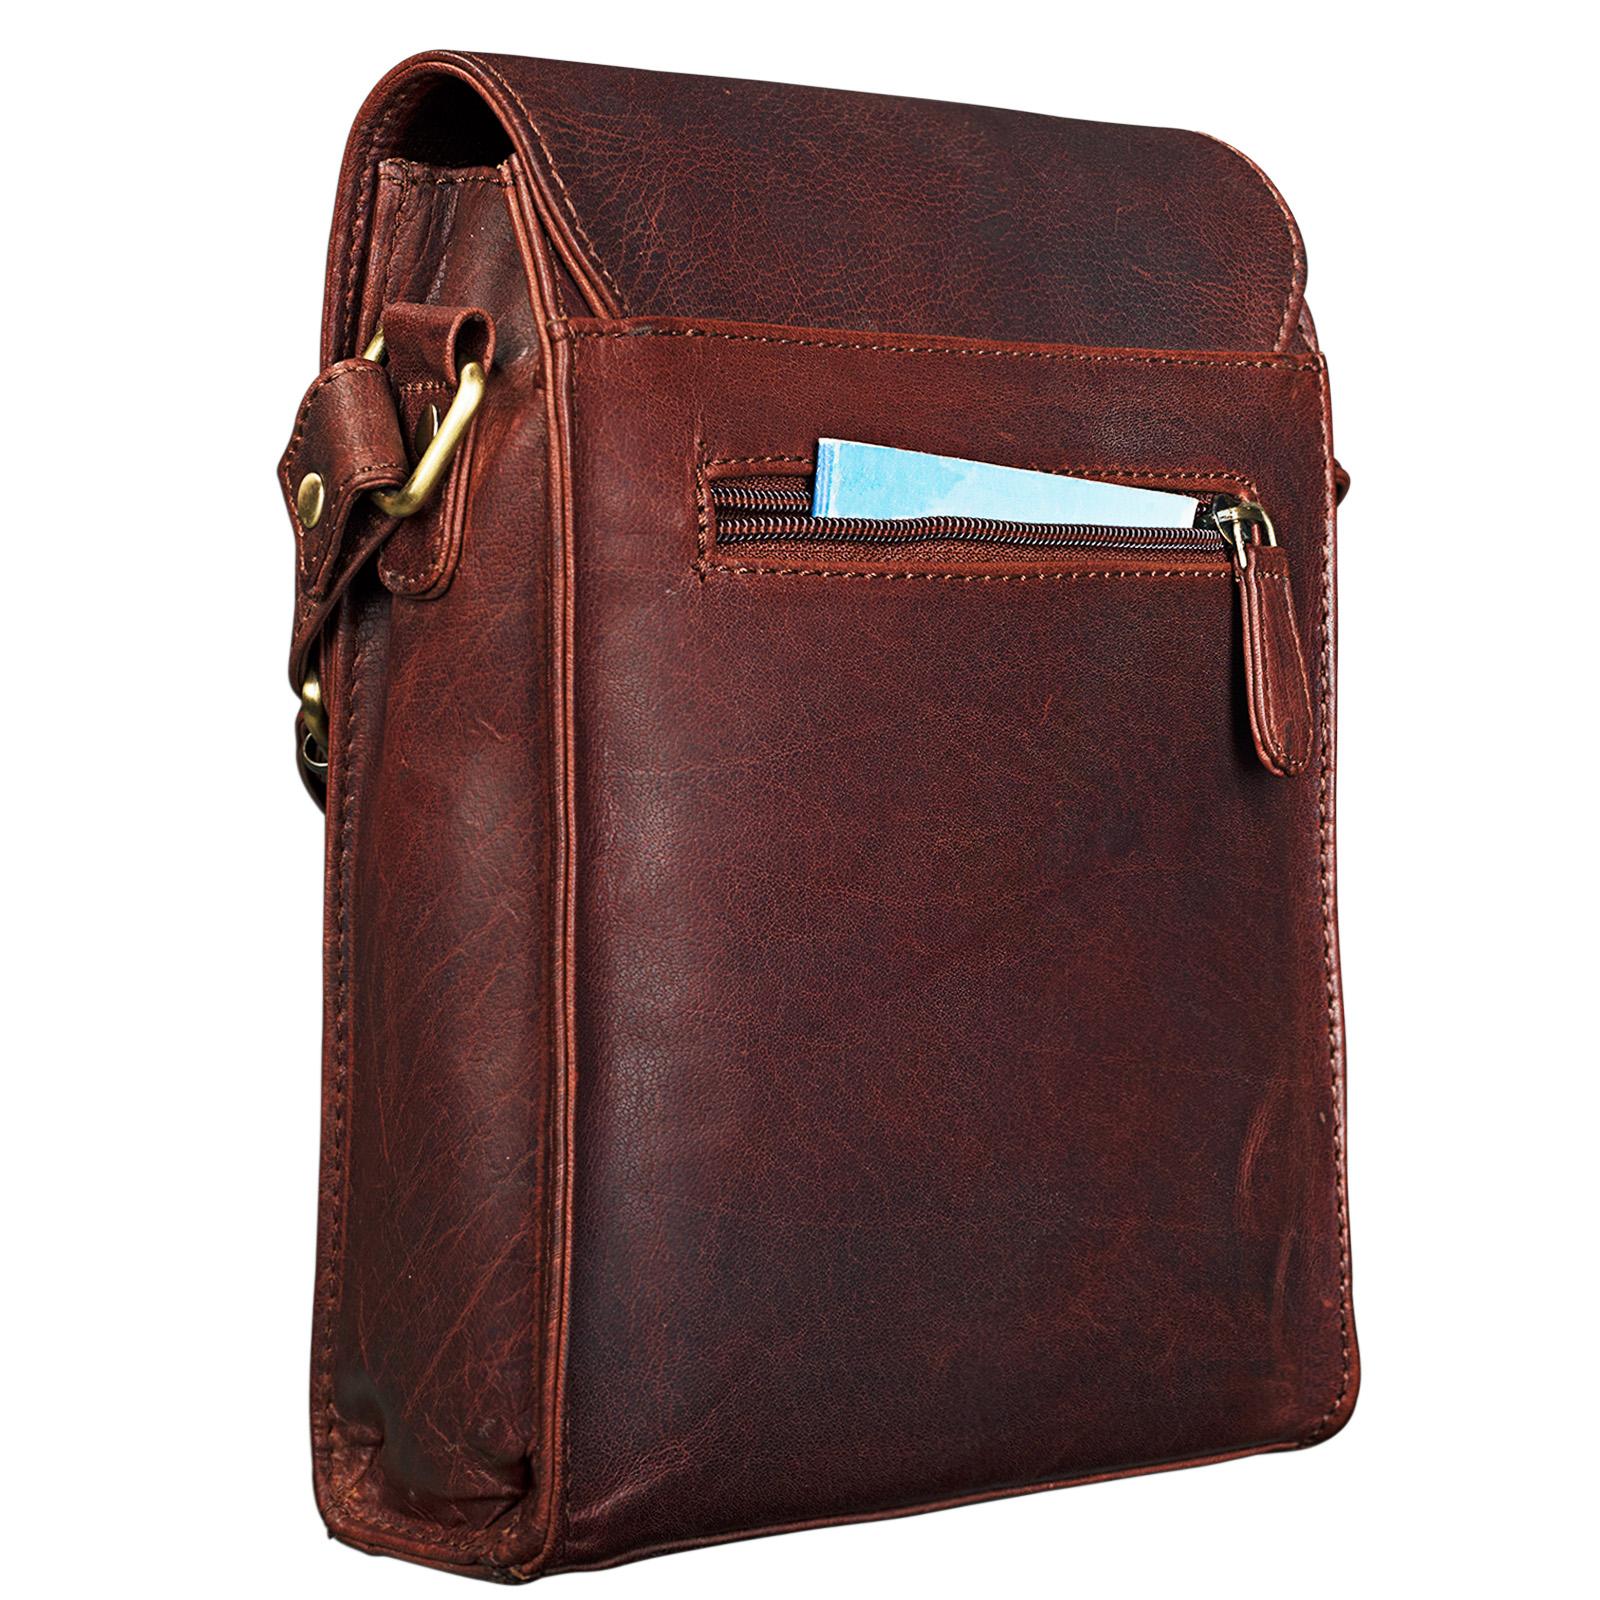 """STILORD """"Kilian"""" Vintage Umhängetasche Leder klein Unisex Messenger Bag für 8,4 Zoll Tablets Schultertasche Herren Damen echtes Leder - Bild 7"""